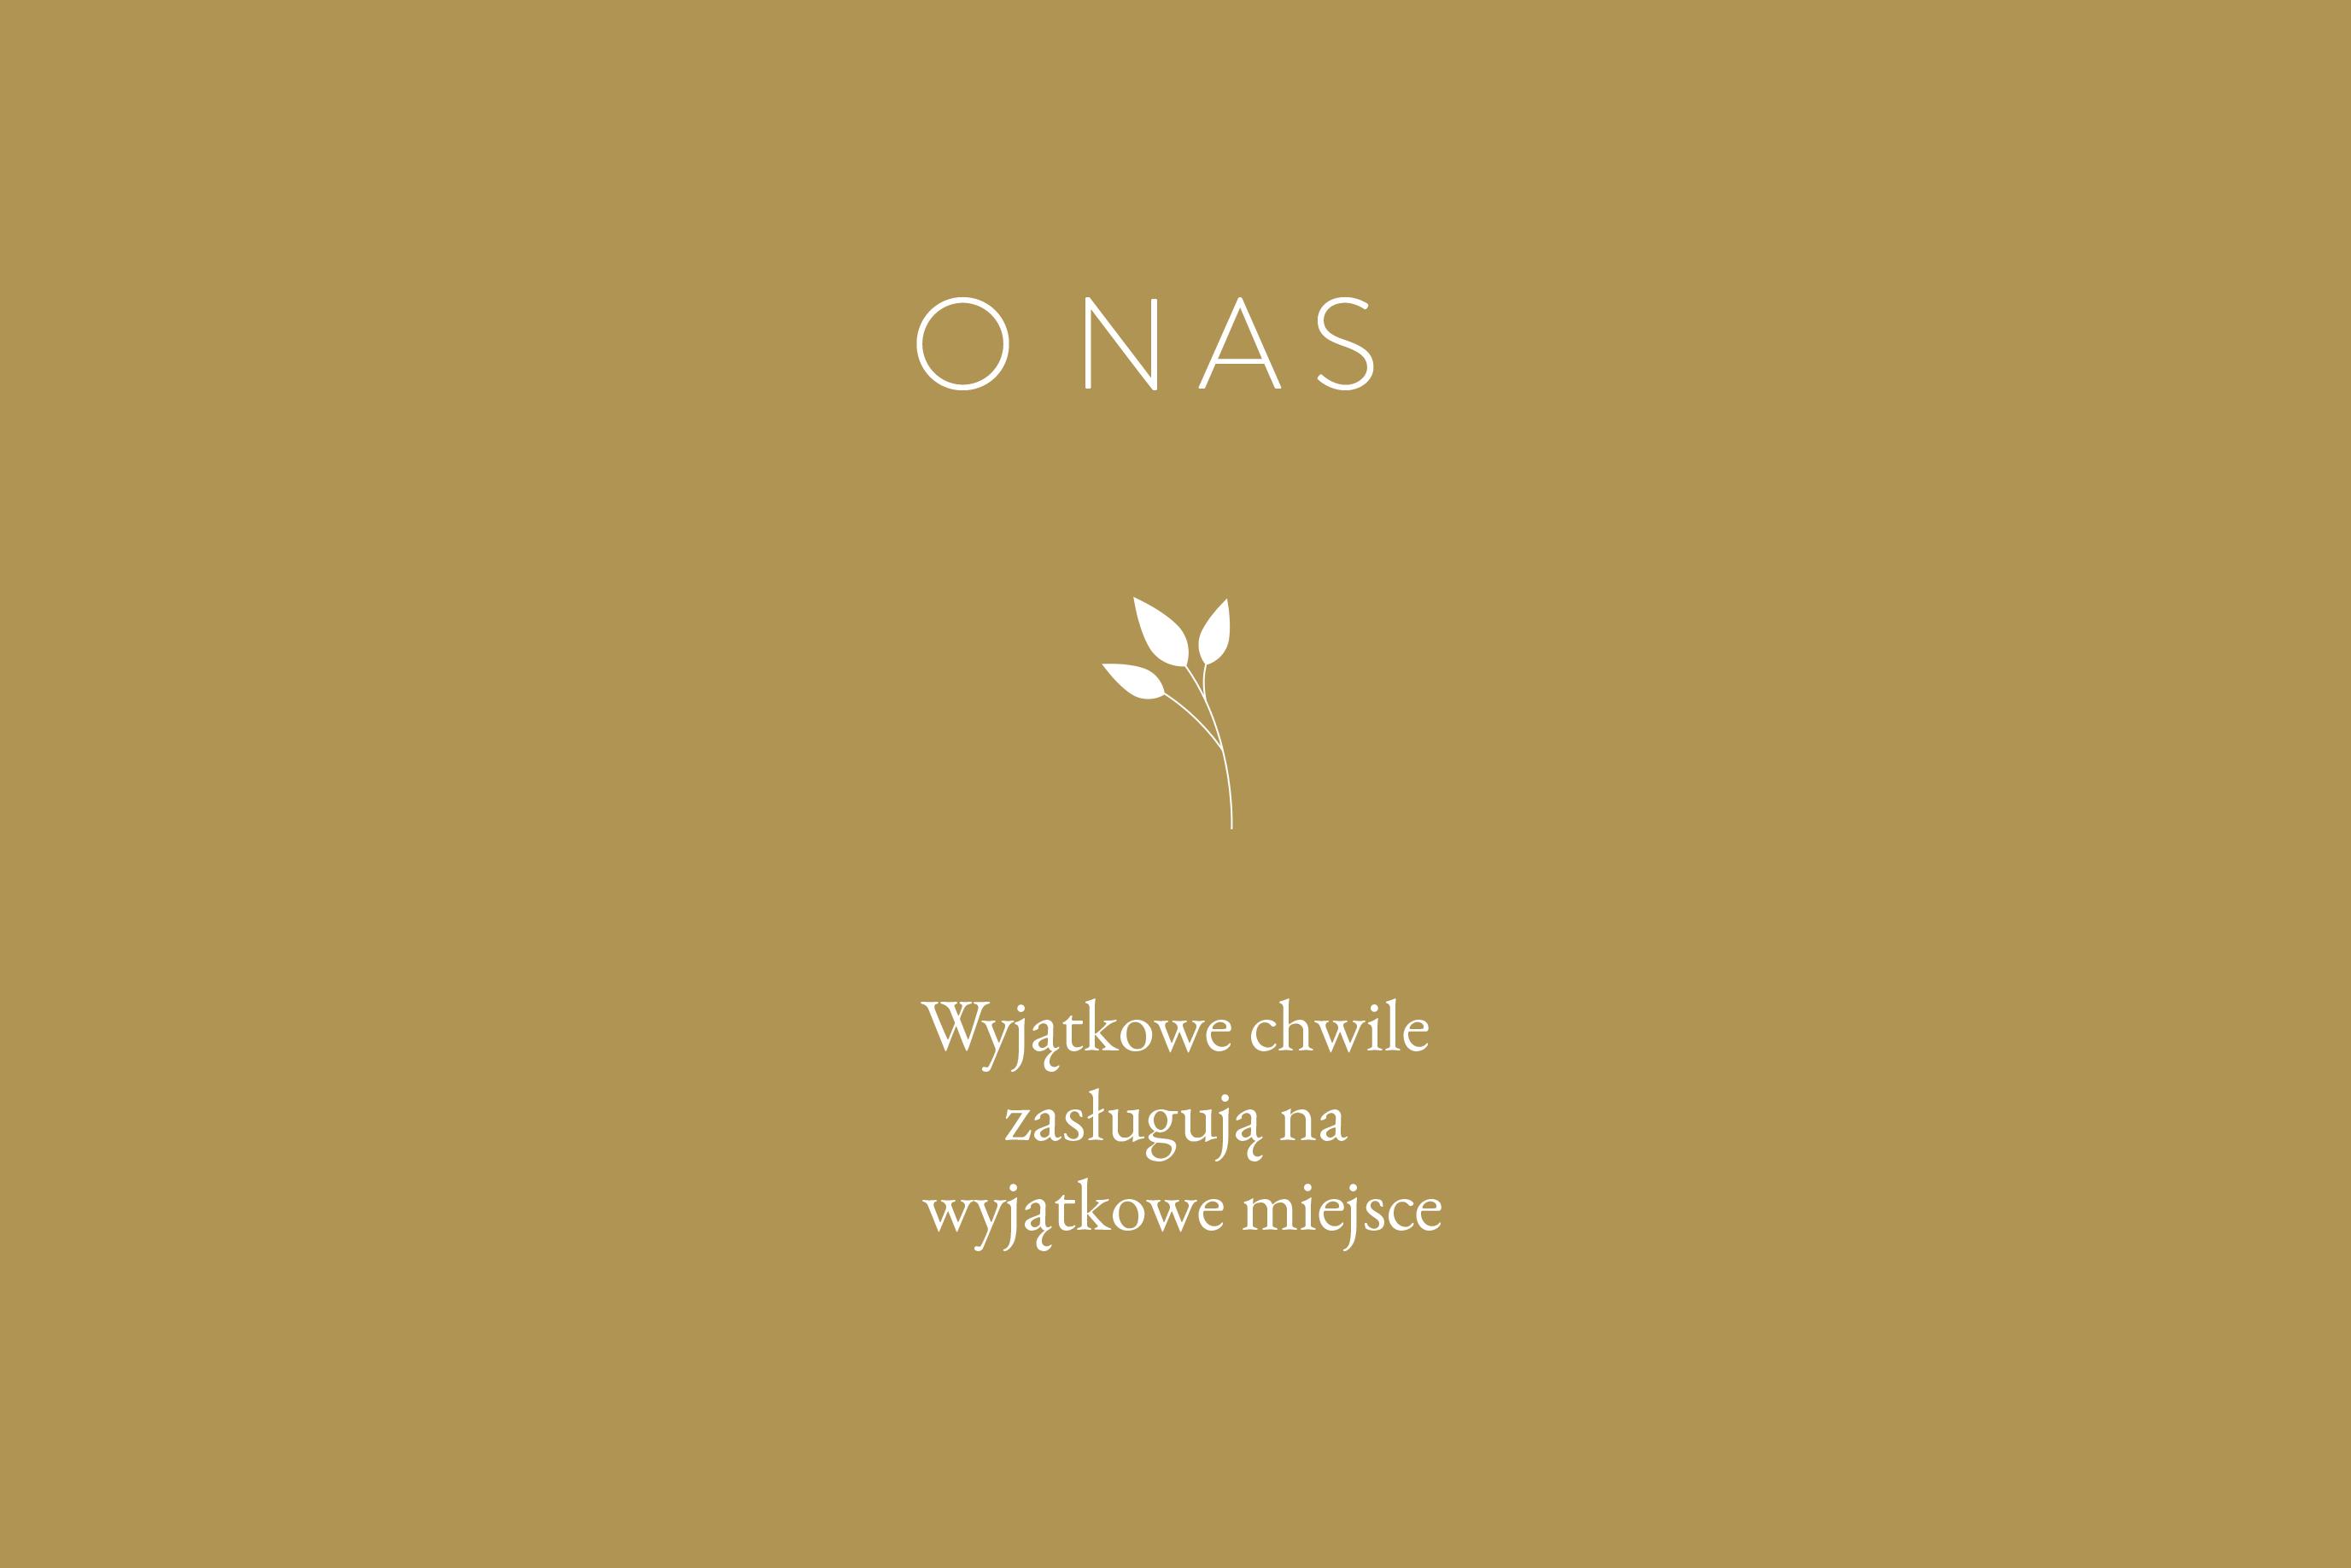 """Obrazek przekierowuje na stronę """"O nas"""", na której można znaleźć opis miejsca jakim jest Stodoła Słomka."""